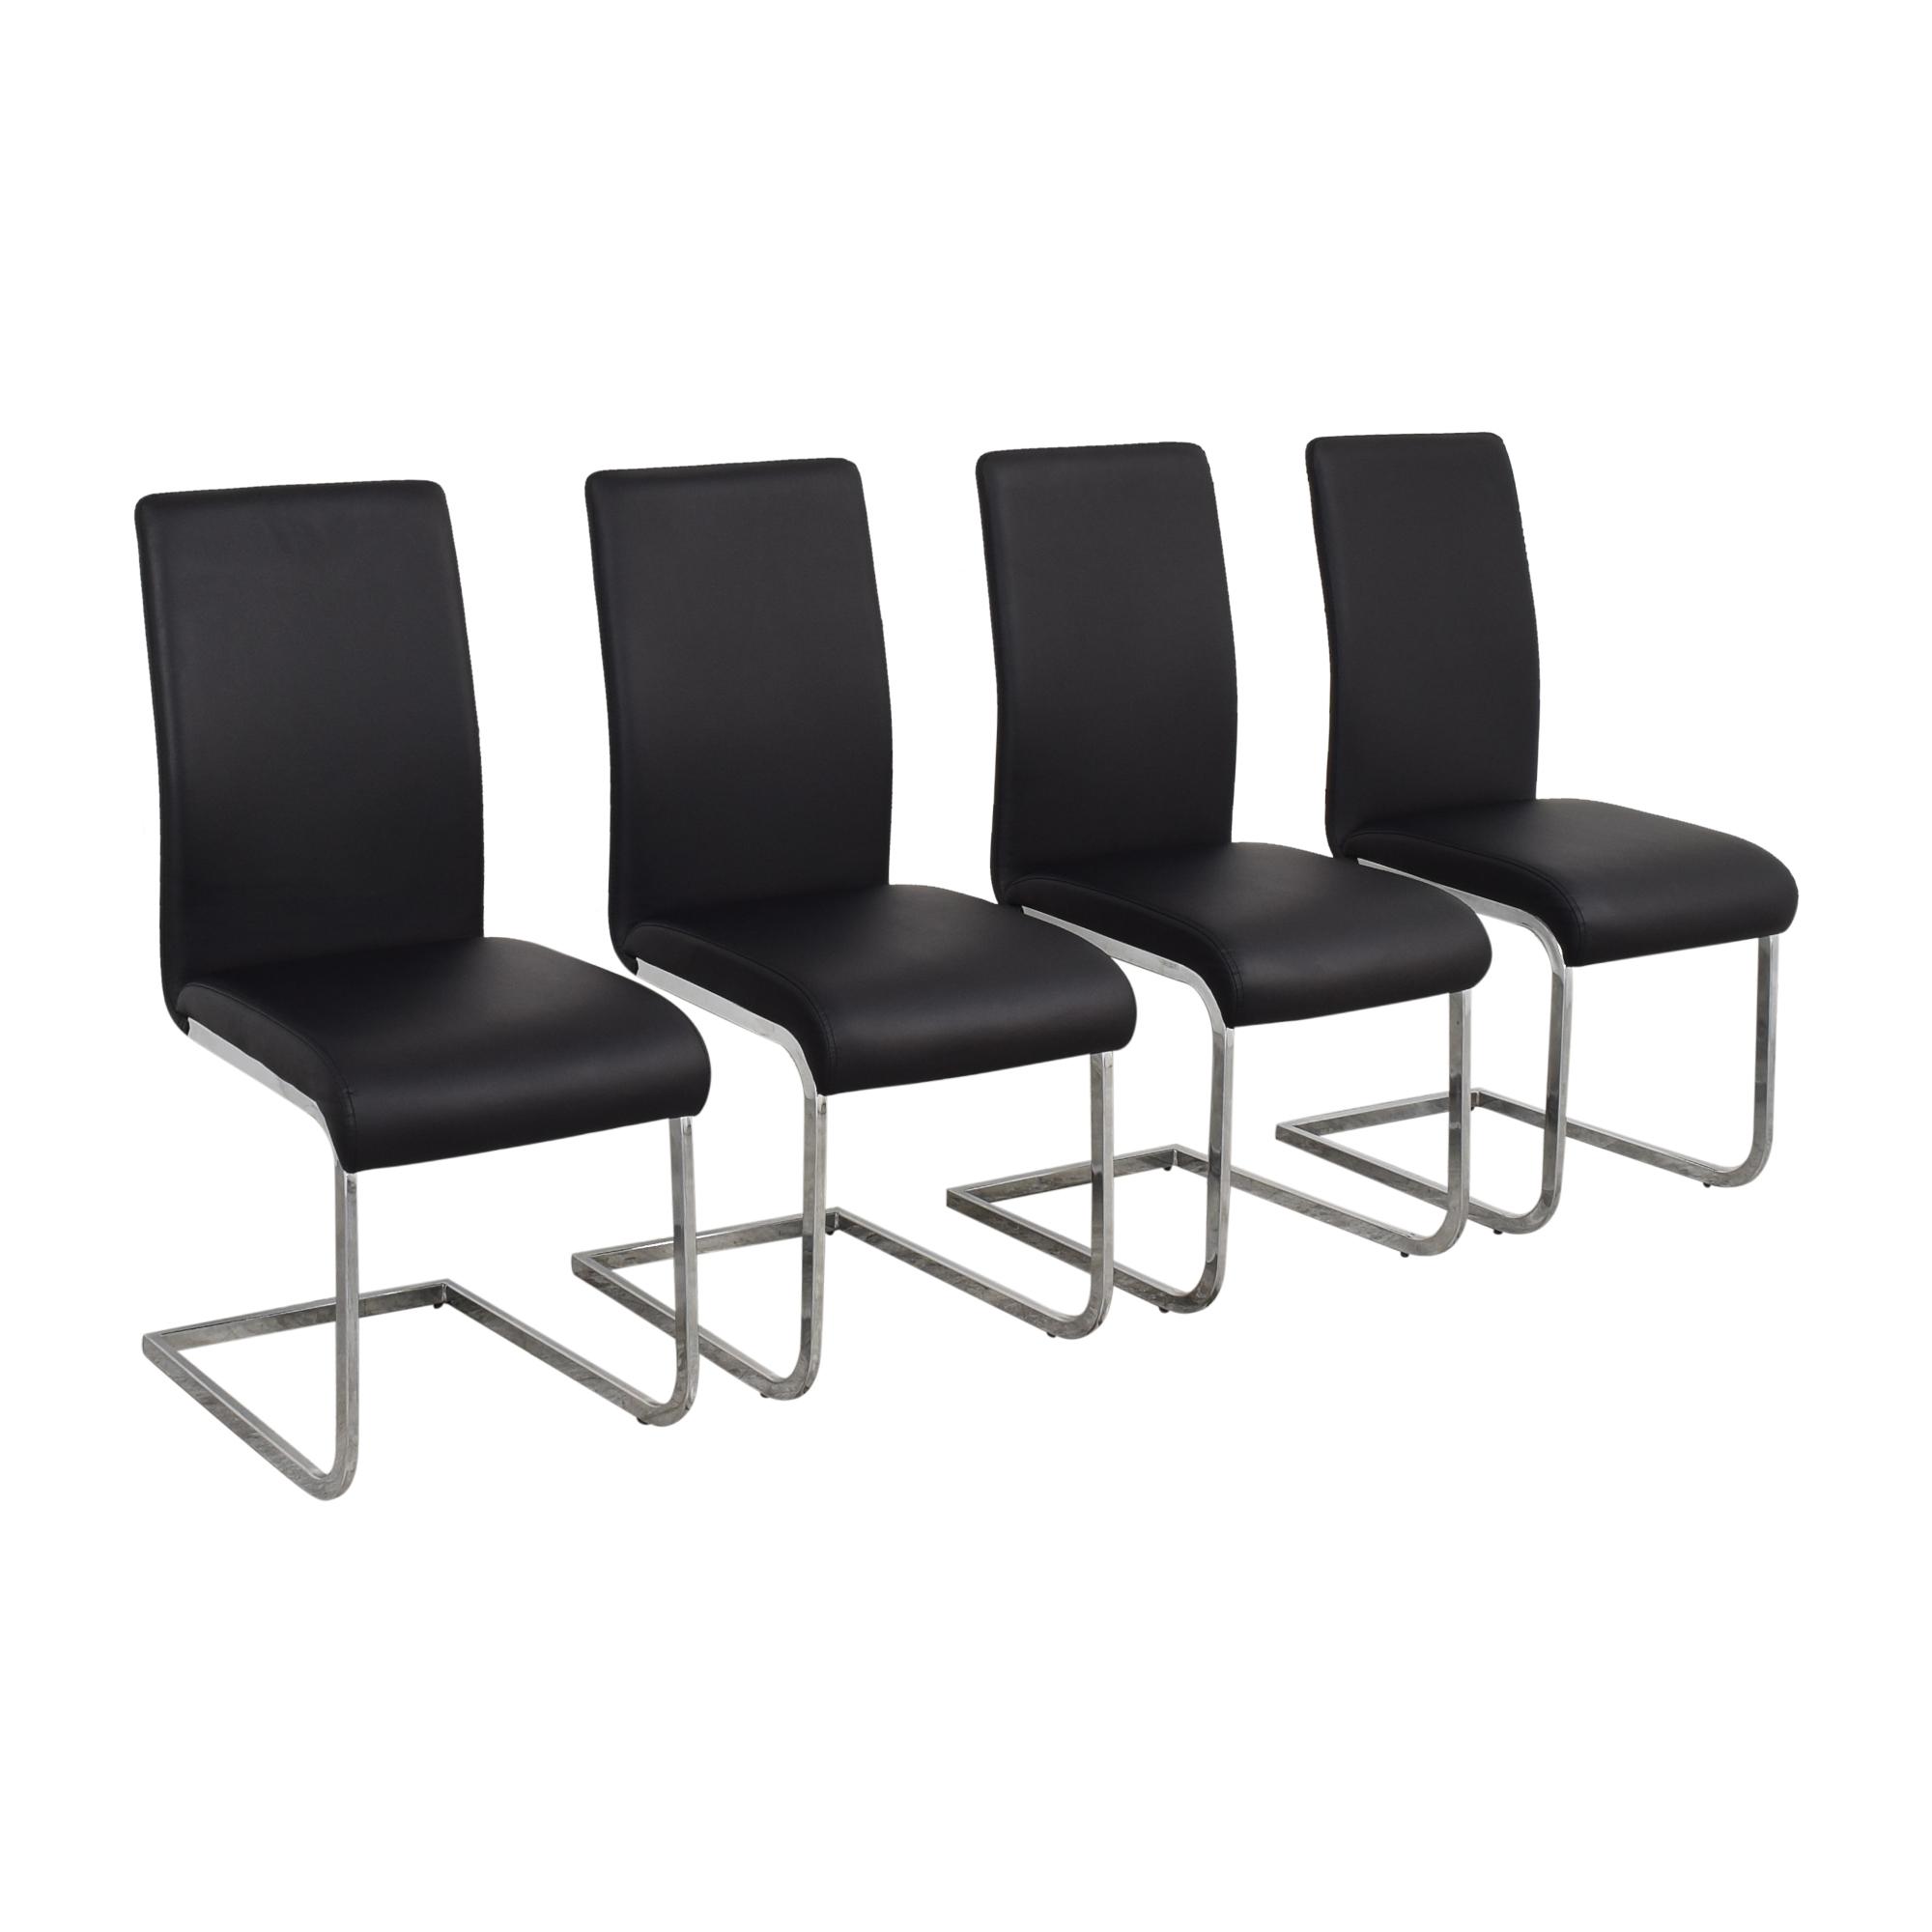 buy CB2 Silverado Chairs CB2 Chairs